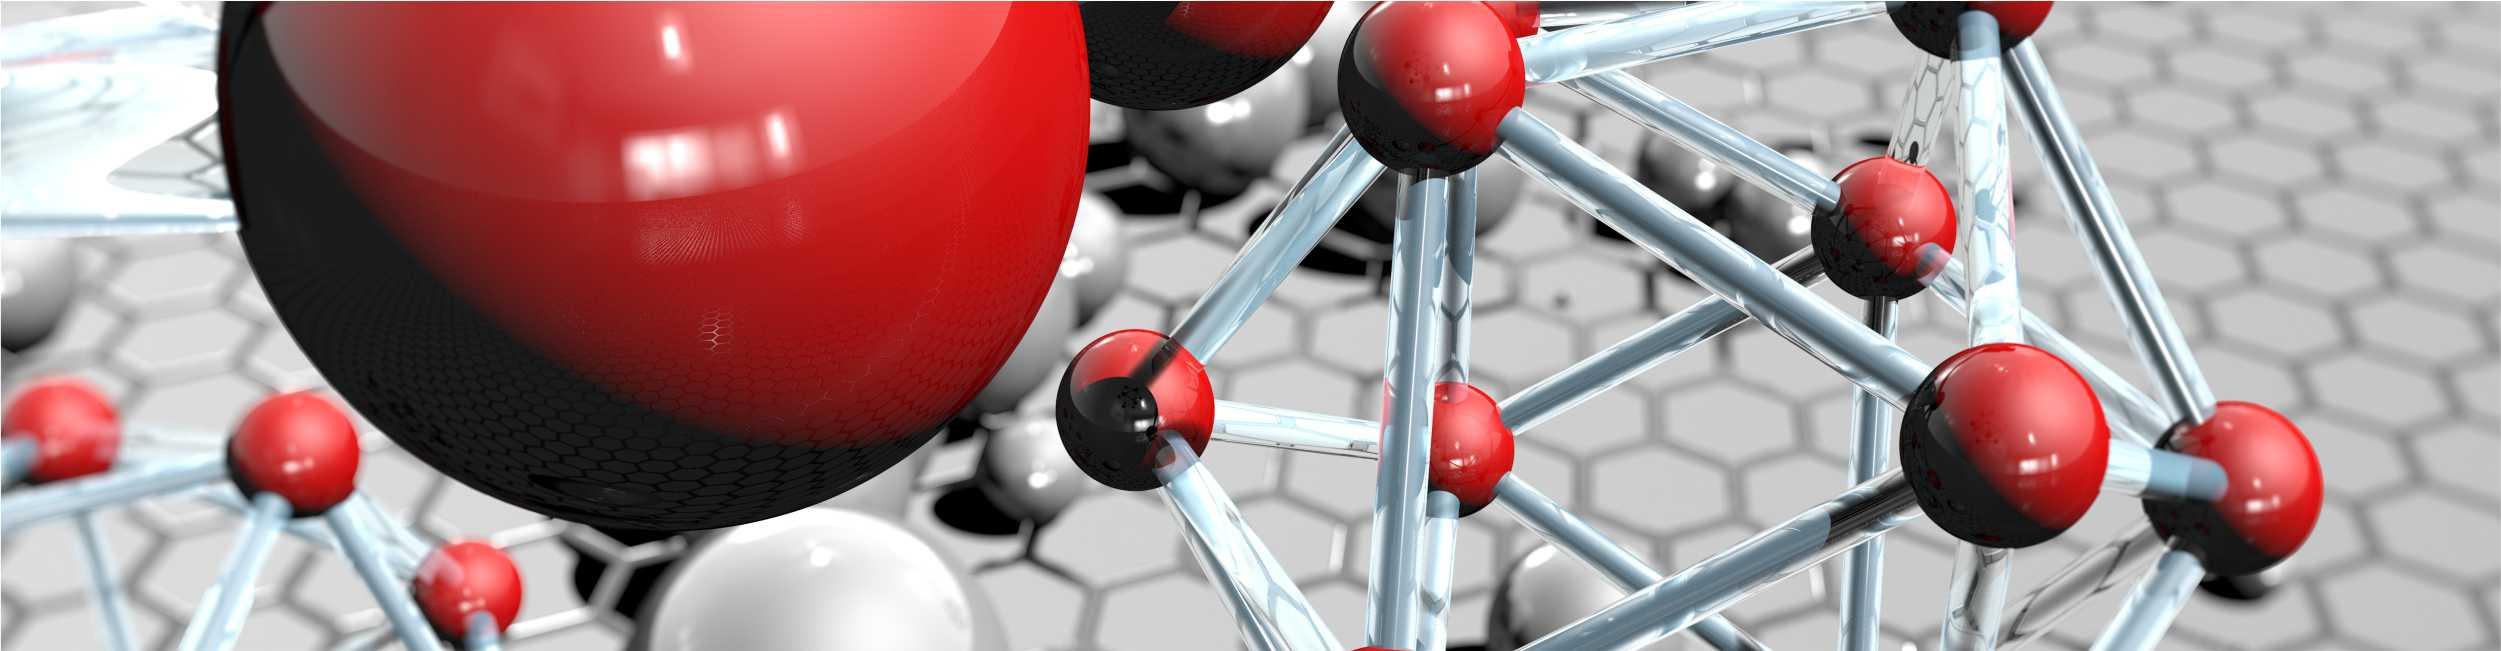 Ciencia dos Materiais_Nanotecnologia